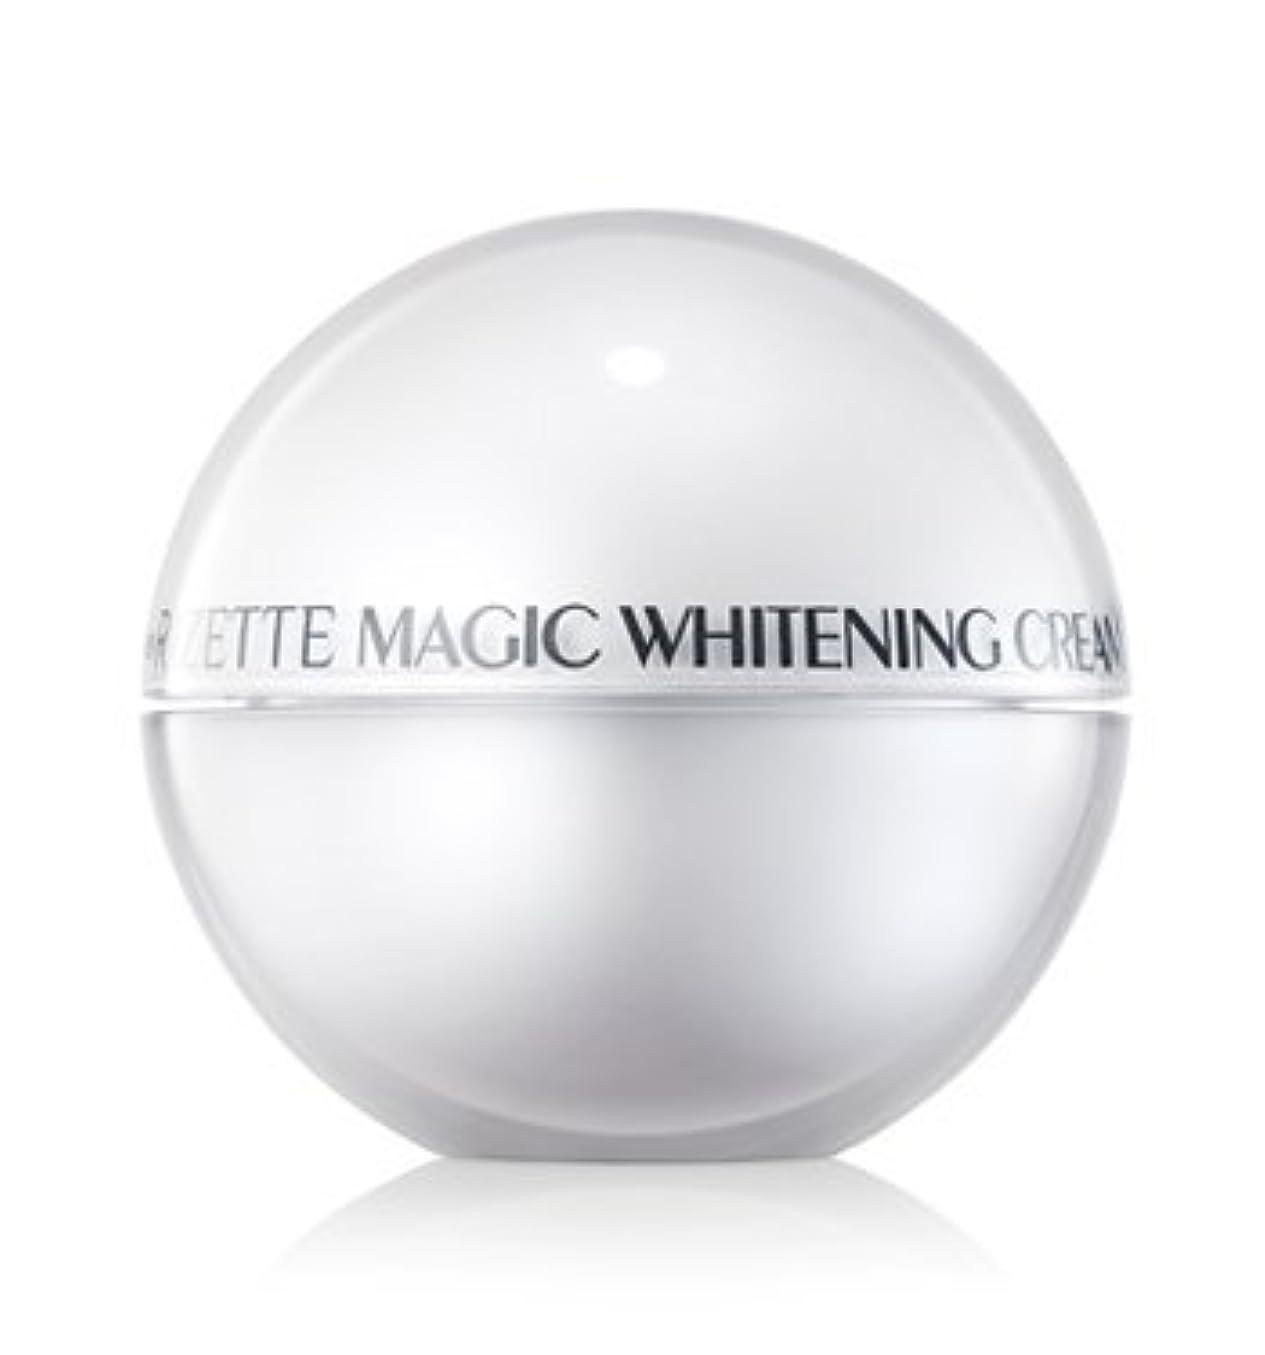 失う呼びかけるゴミリオエリ(Lioele) Rizette マジック ホワイトニング クリーム プラス/ Lioele Rizette Magic Whitening Cream Plus[並行輸入品]